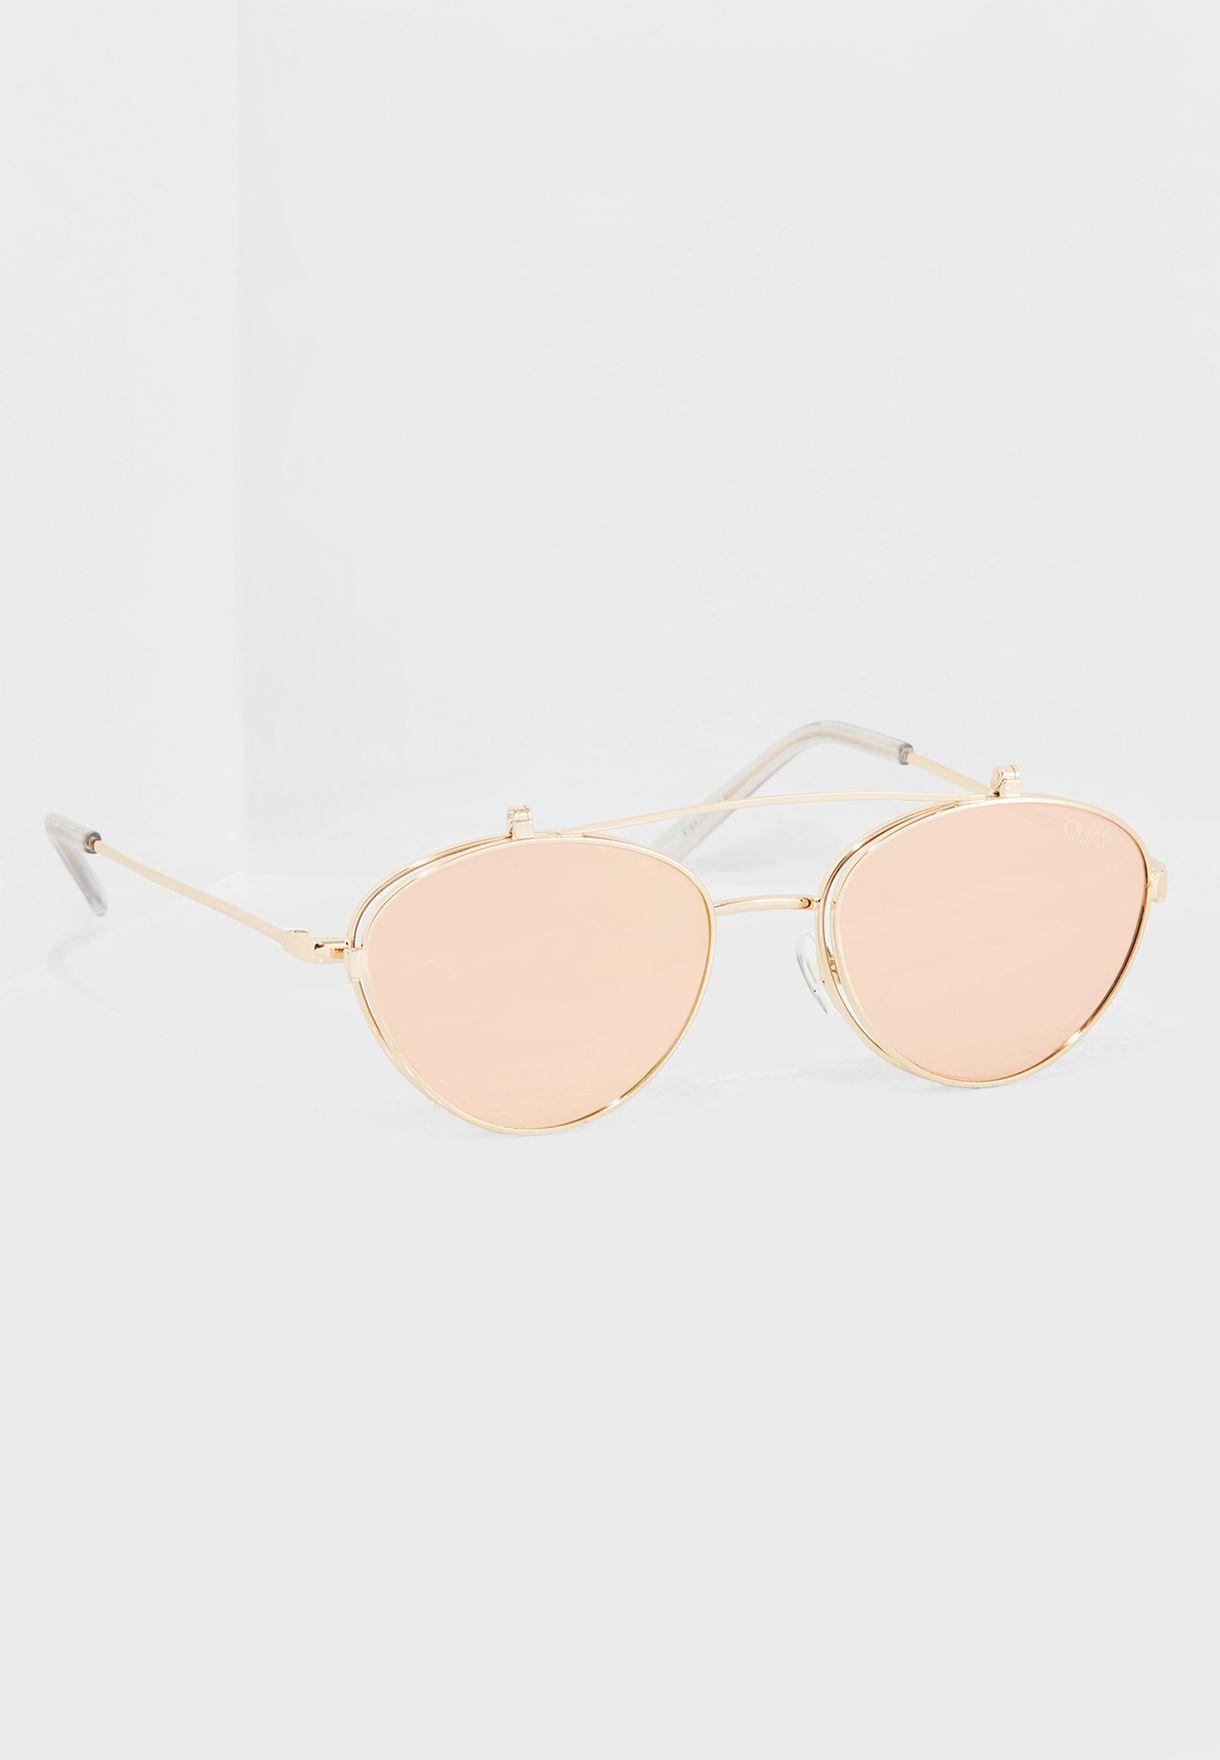 نظارات شمسية أفياتور من مجموعة إيلا فيرجسون